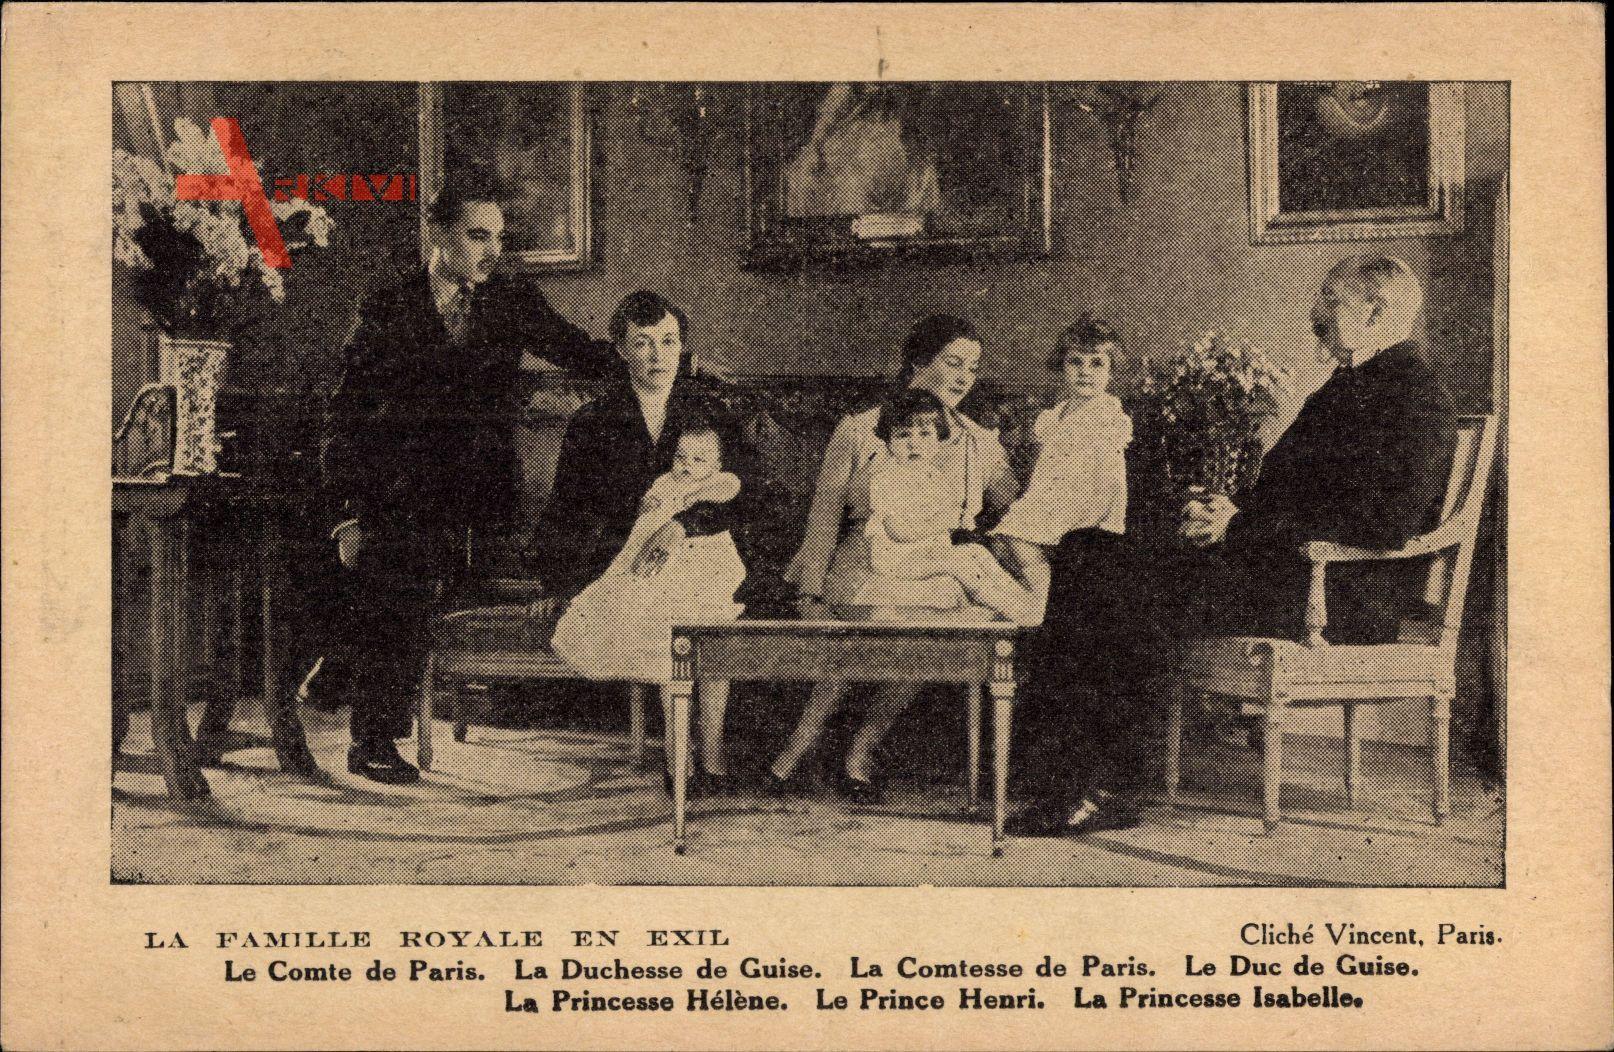 Duc de Guise, Jean dOrléans, Duchesse, Comte de Paris, Comtesse, Enfants